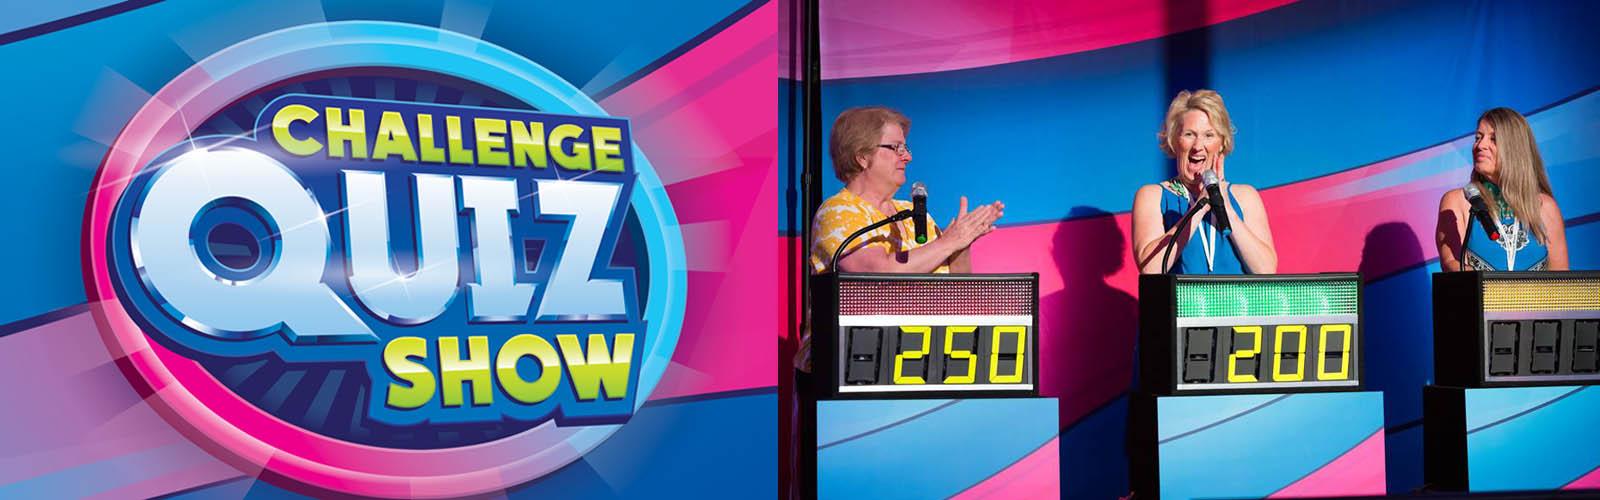 Challenge Quiz Show Set Edited 1600 X 500